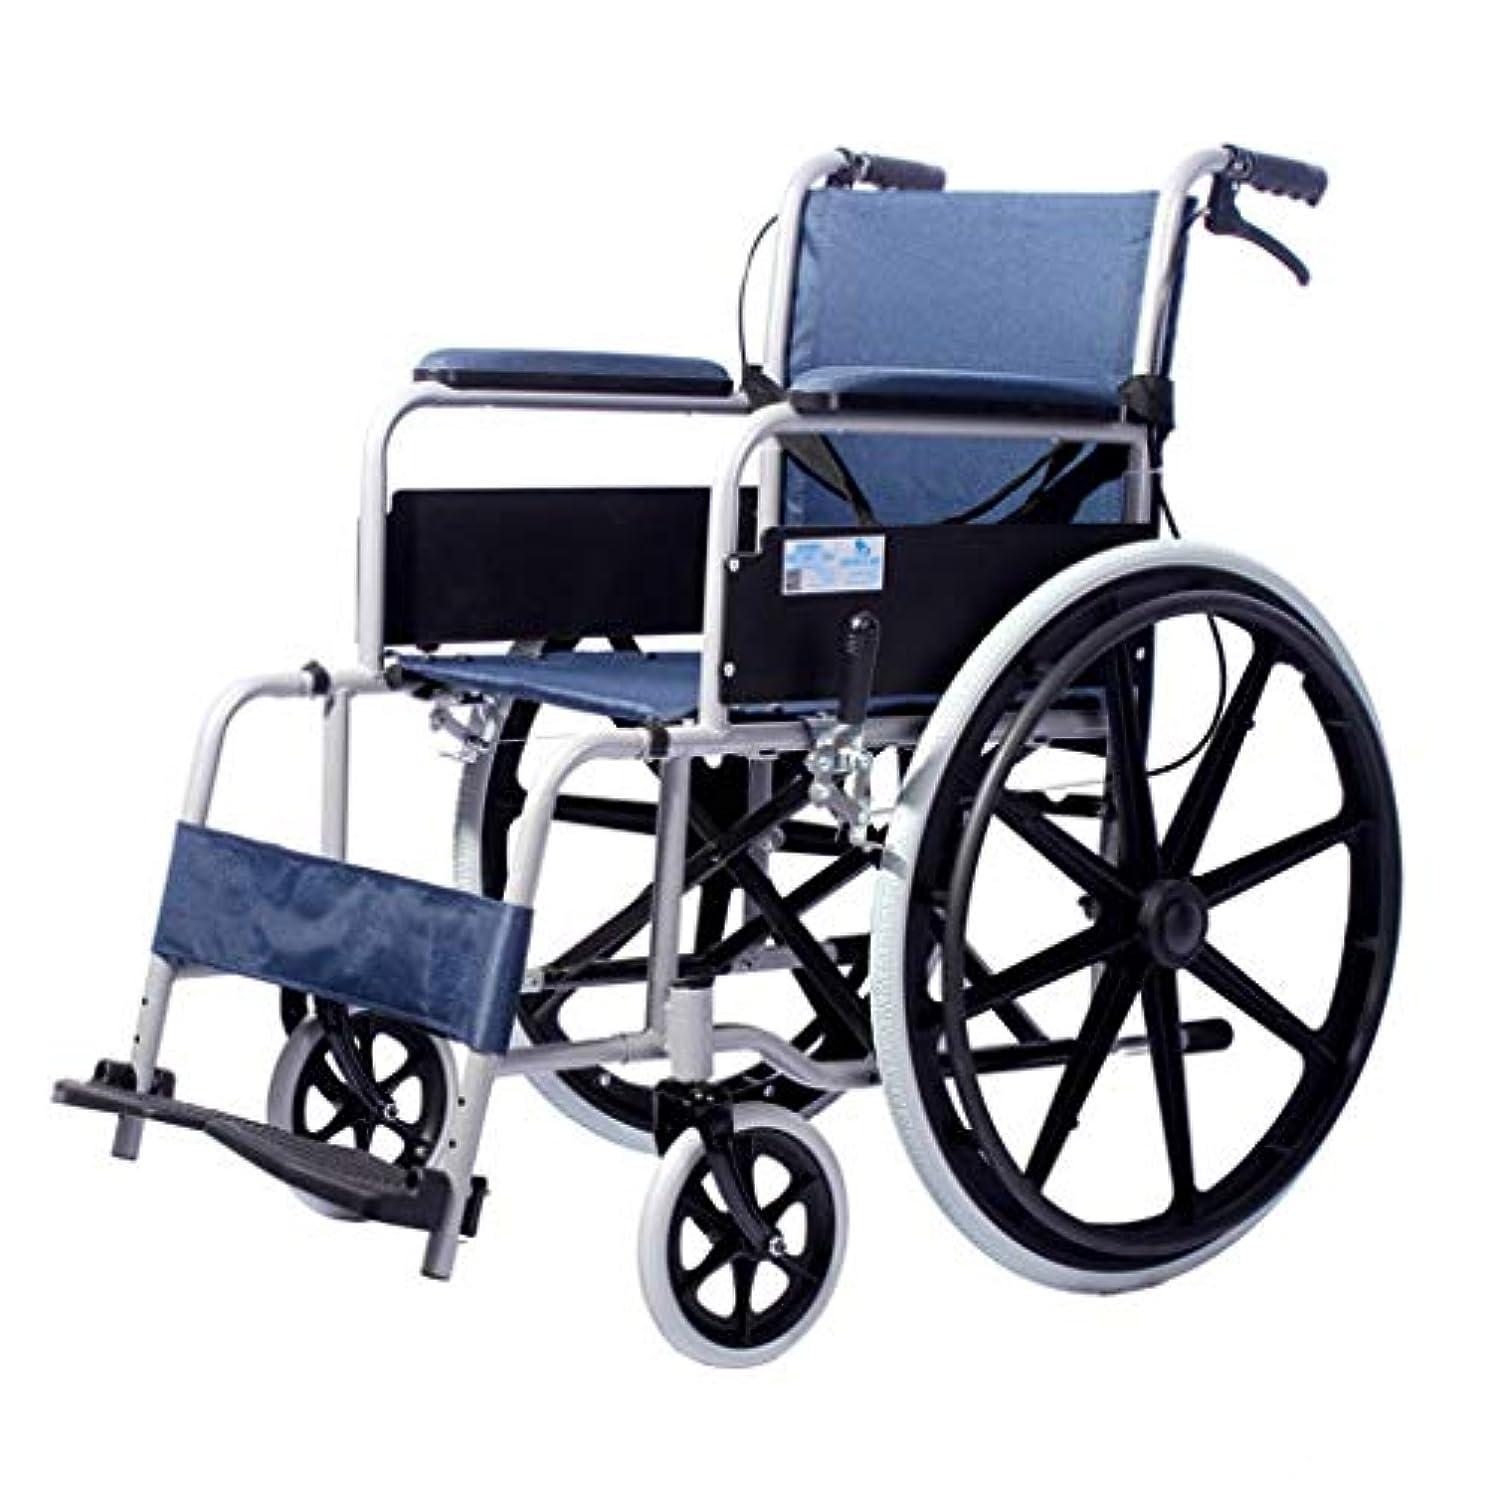 買い物に行く薬を飲む極貧車椅子用トロリーは高齢者に適し、身体障害者用です。フットペダルは調整可能です。手動車椅子折りたたみ式デザイン